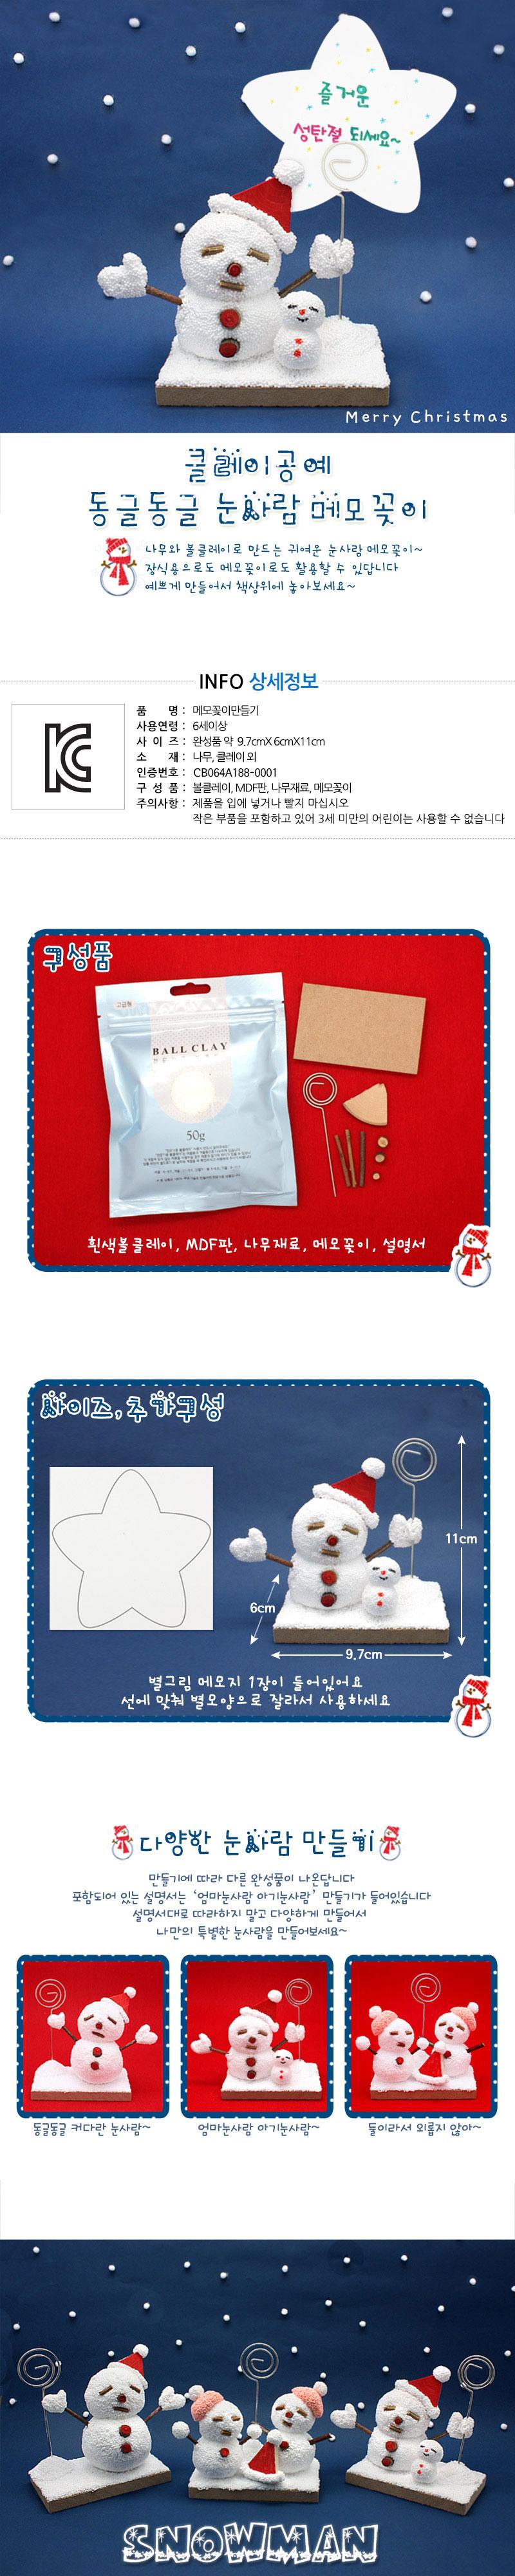 클레이공예-동글동글 눈사람 메모꽂이 - 에코키즈, 2,700원, 클레이공예, 클레이공예 만들기 패키지